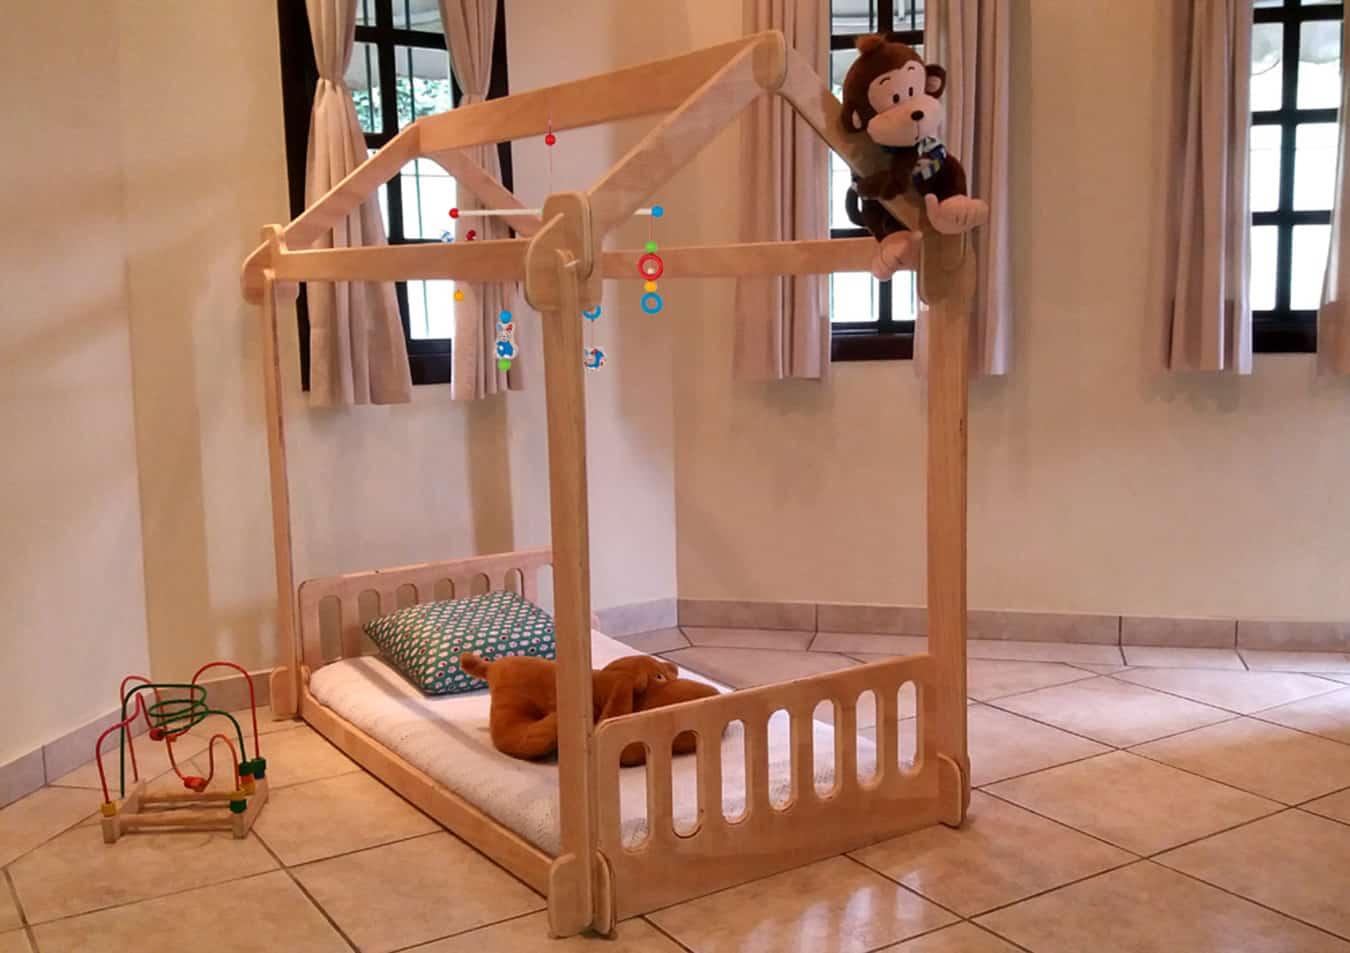 Casinha de Montar4 - Móveis montessorianos para crianças